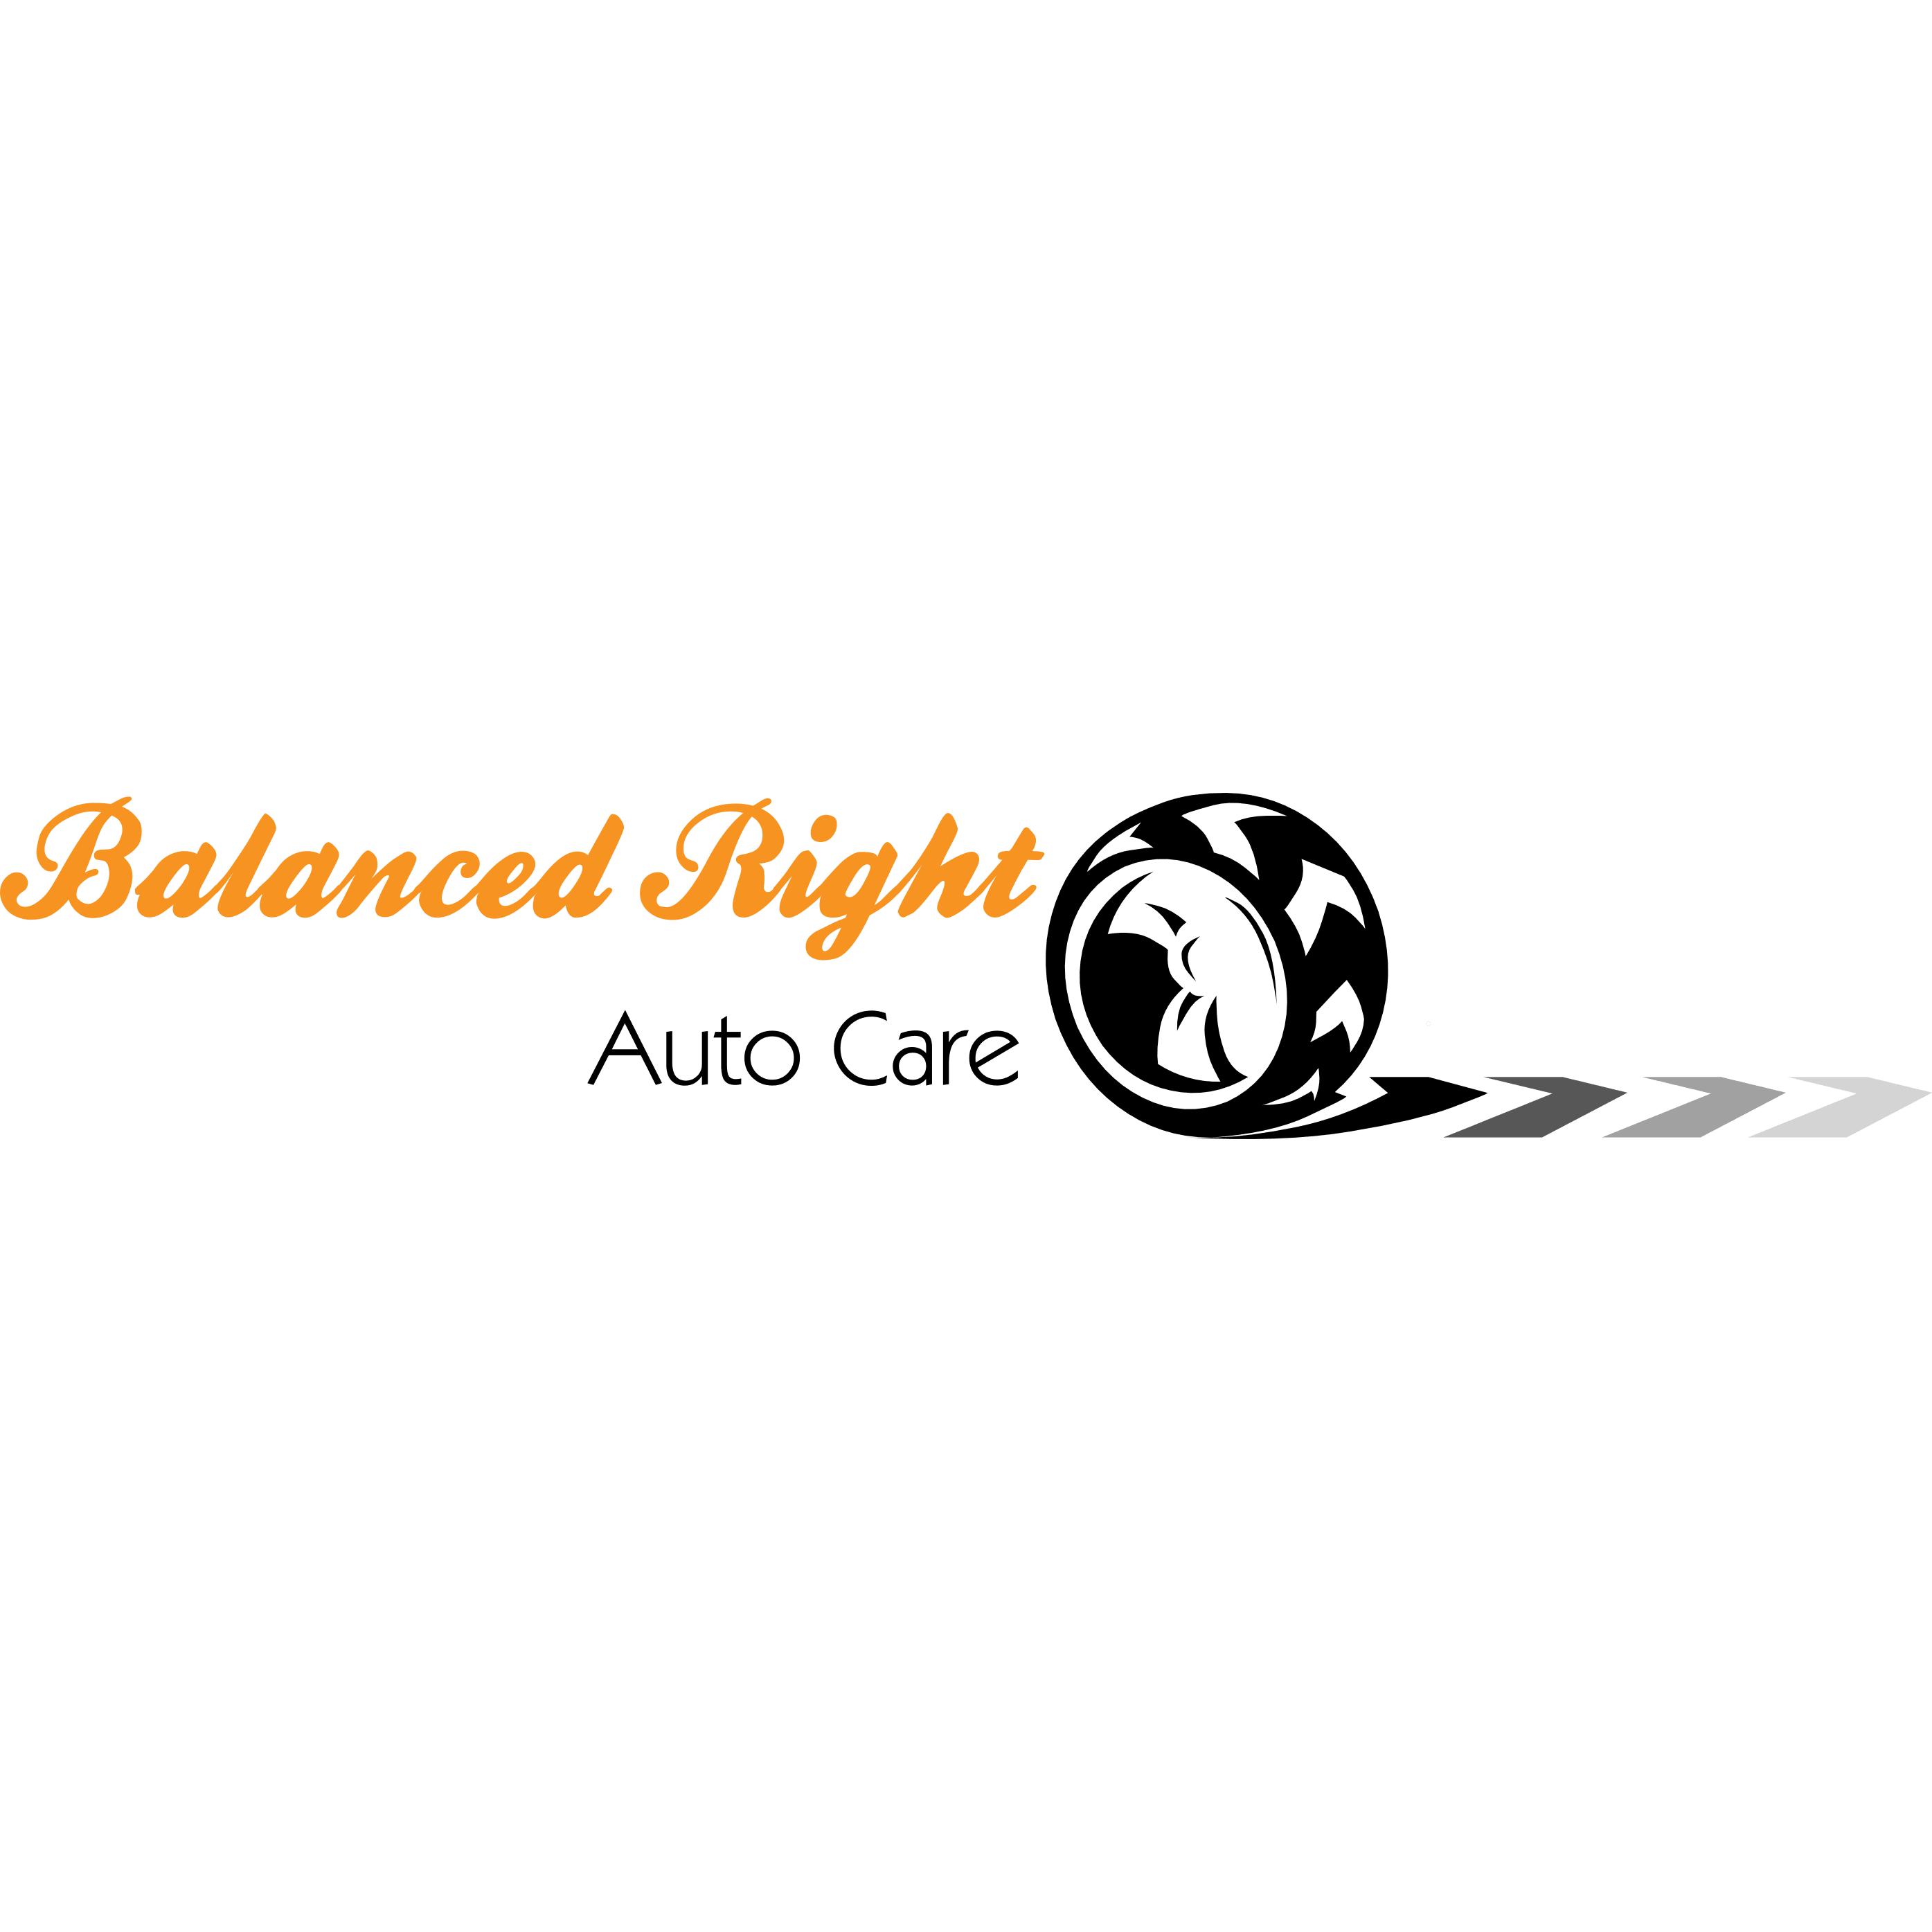 Balanced Right Auto Care